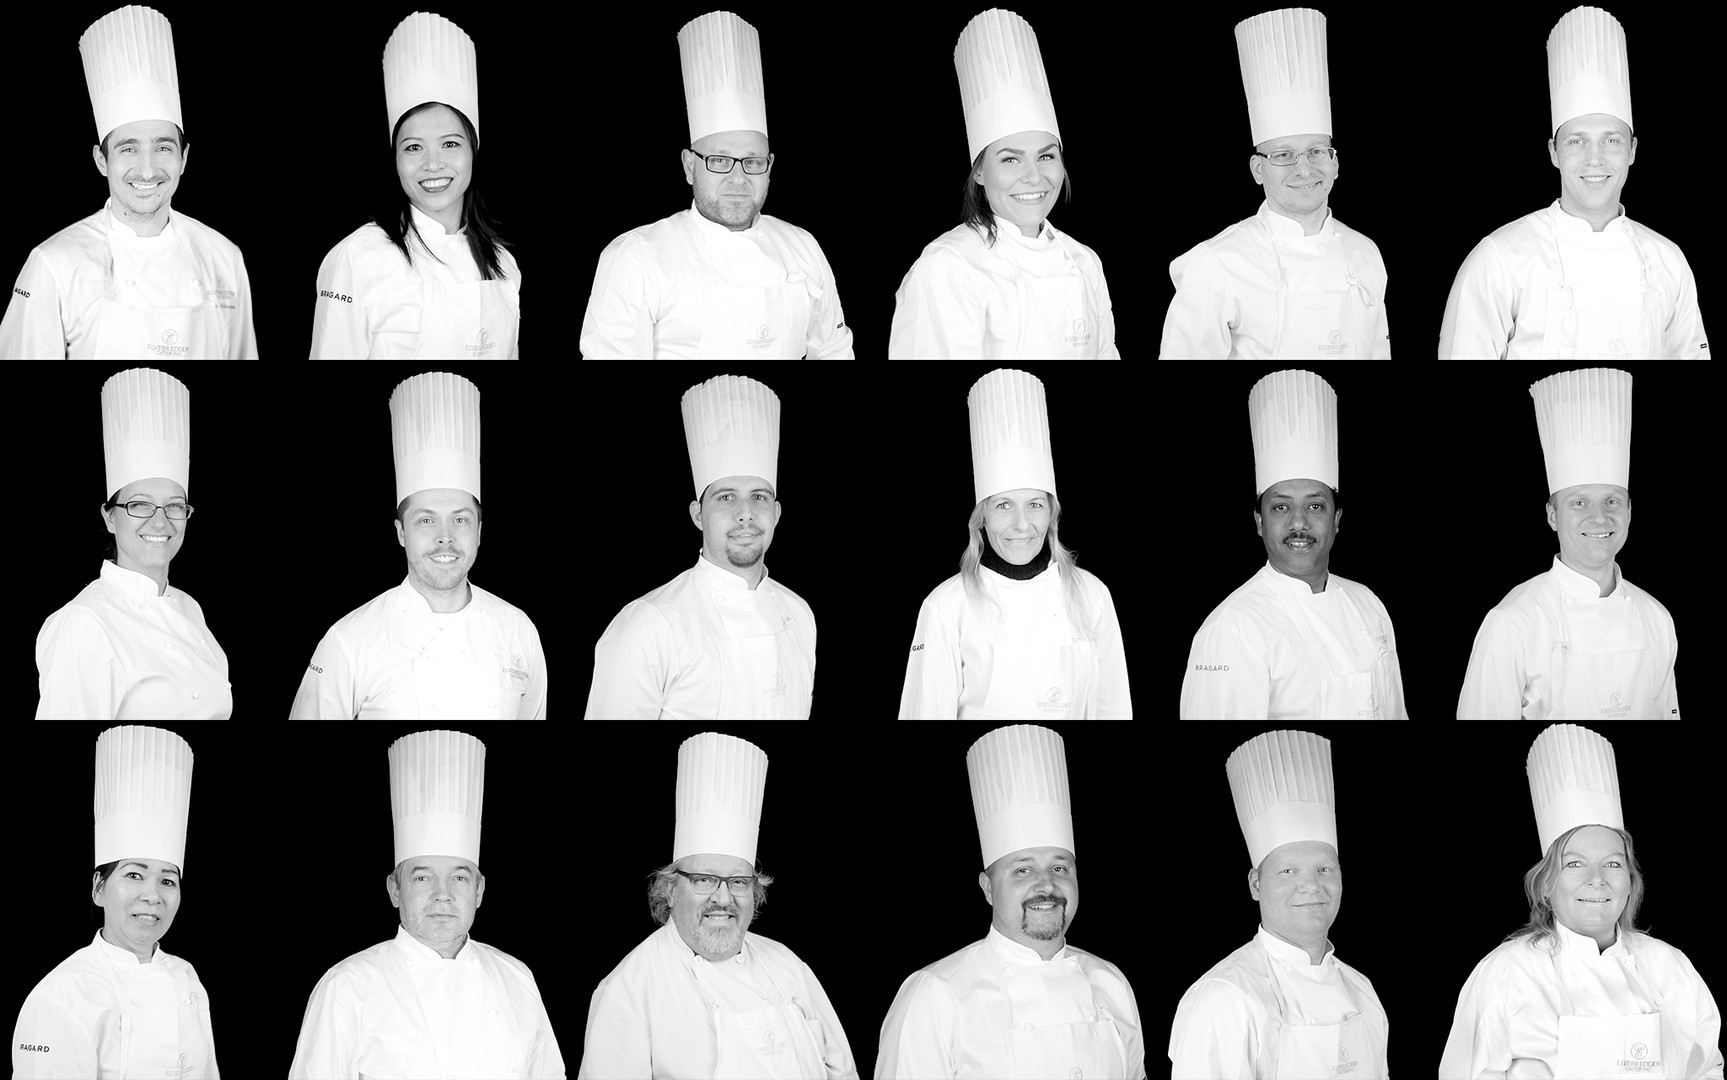 Elvebredden catering kokke team, Portrett, cv bile, ansatt bilde